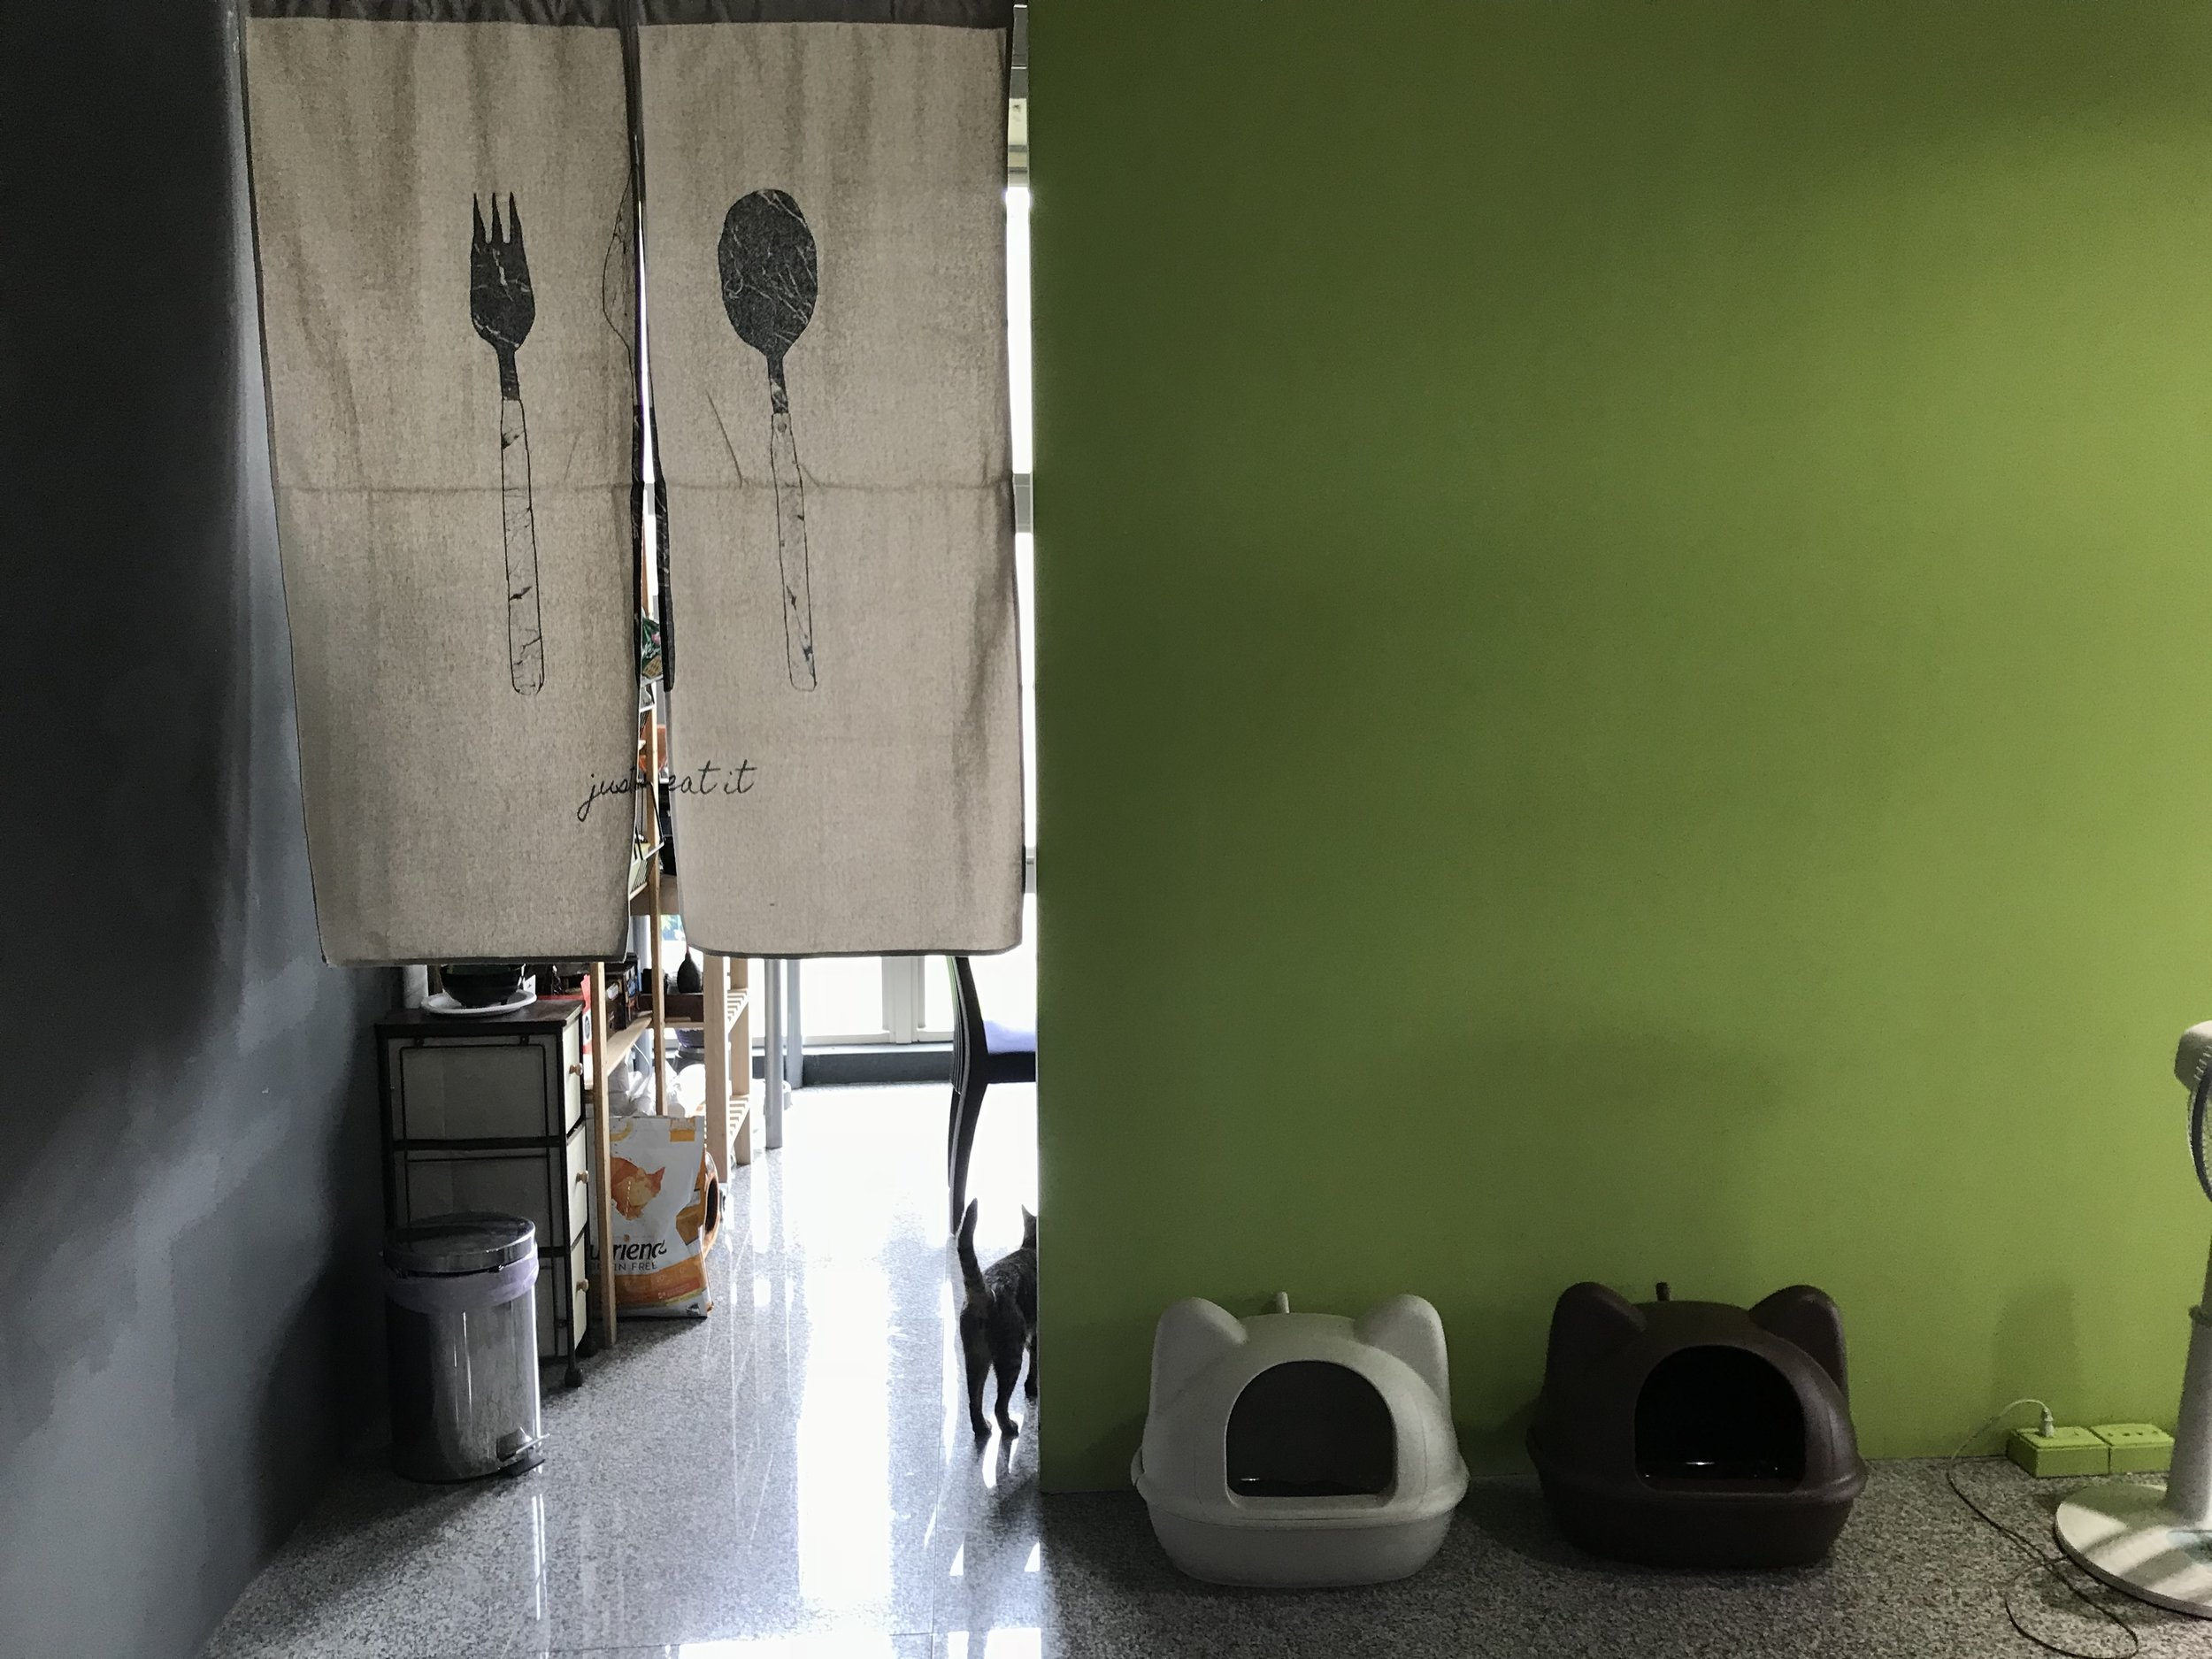 熱愛生活的辦公氣氛 - 專業手沖咖啡組和單品咖啡豆小廚房有電陶爐、大冰箱、微波爐等流行一起煮飯、一起帶便當隨時都有免費飲料零食供紓壓會有貓咪躺你鍵盤不讓你工作